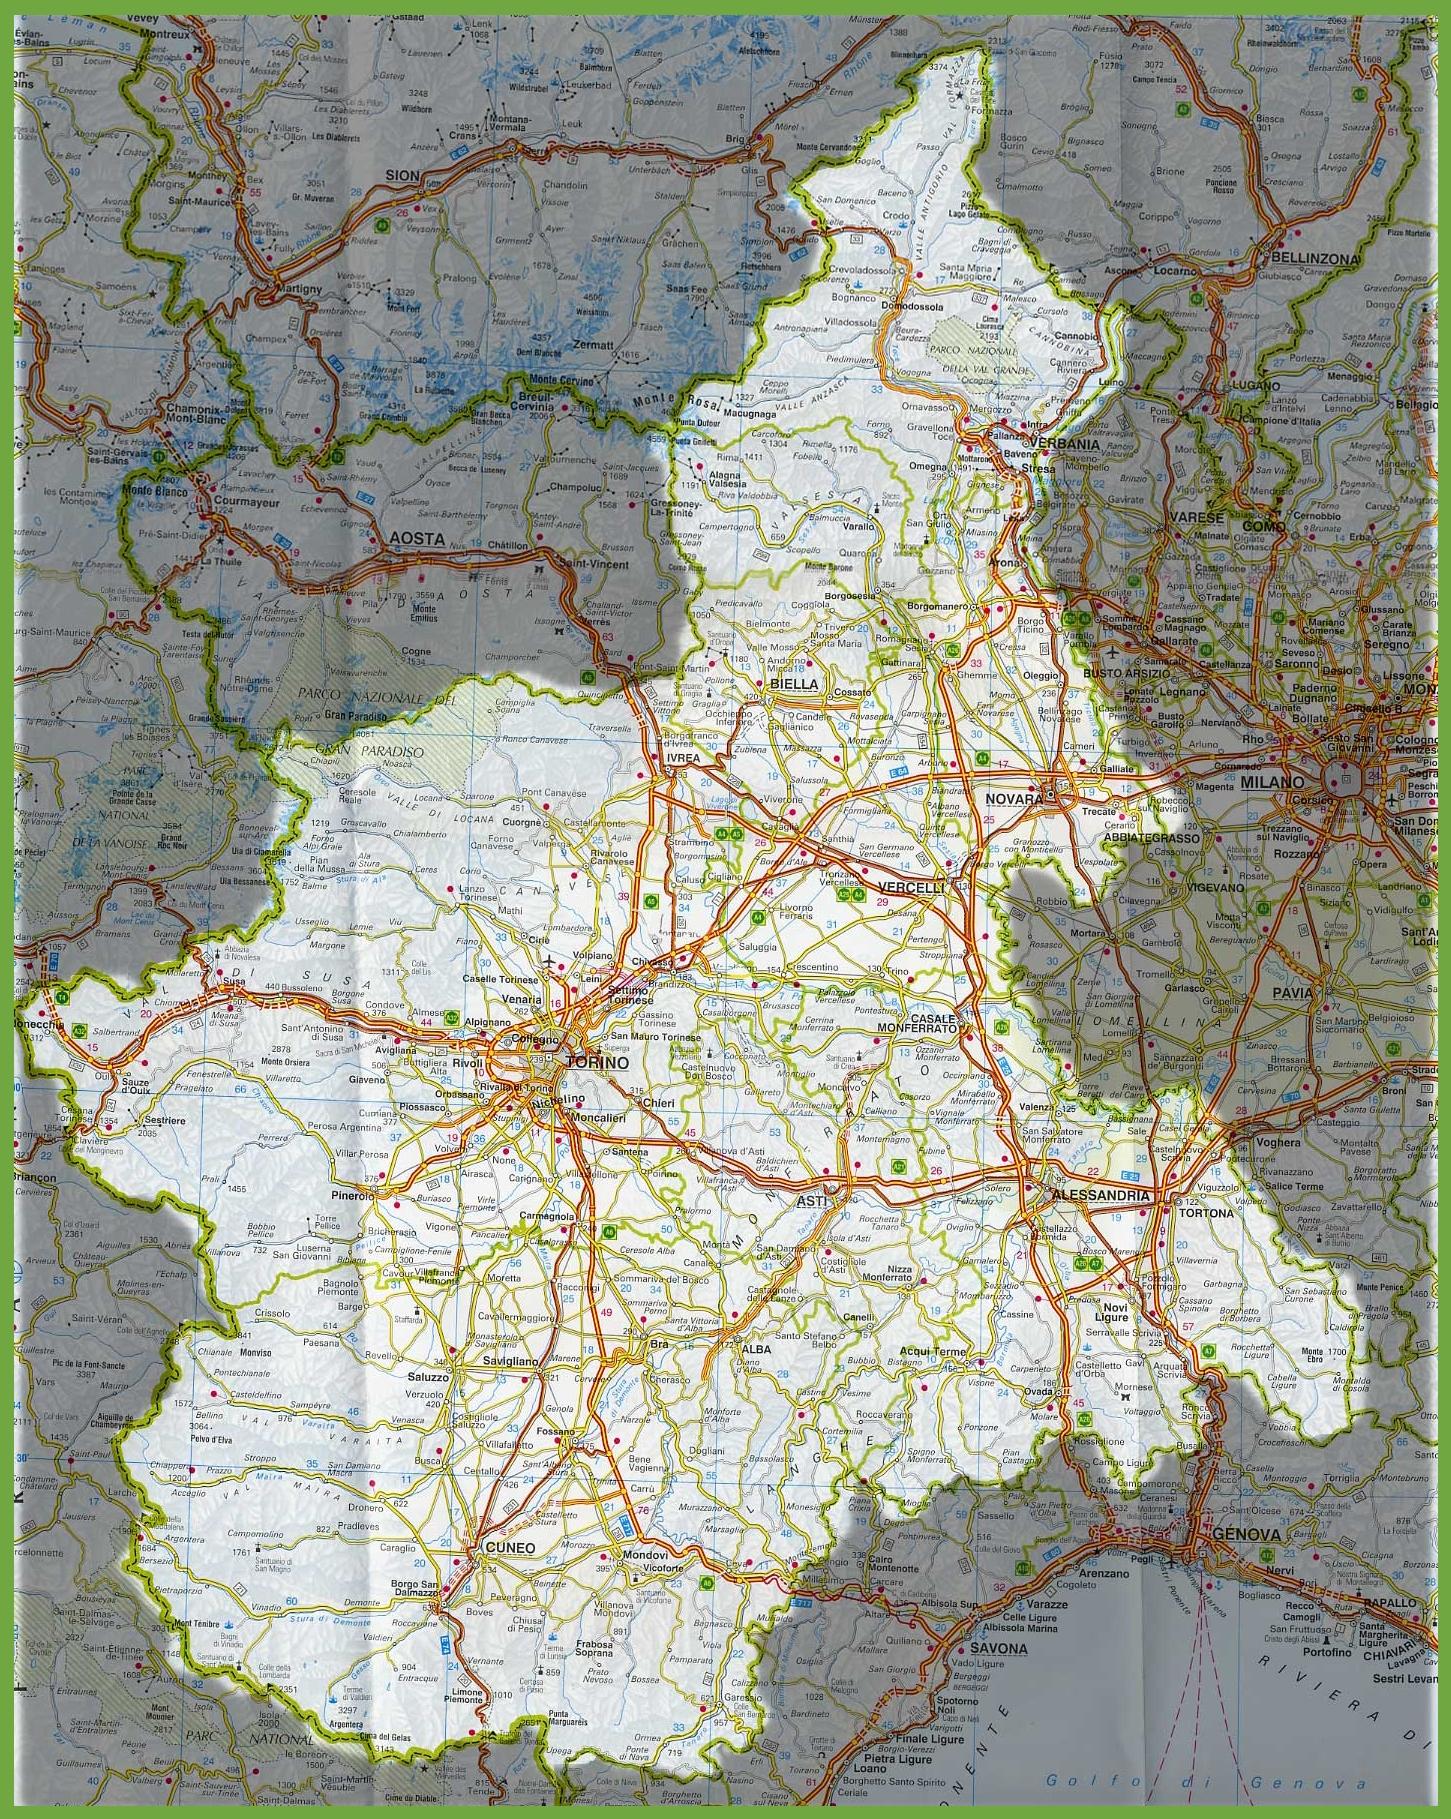 Cartina Dettagliata Piemonte.Grande Mappa Dettagliata Di Piemonte Con Citta